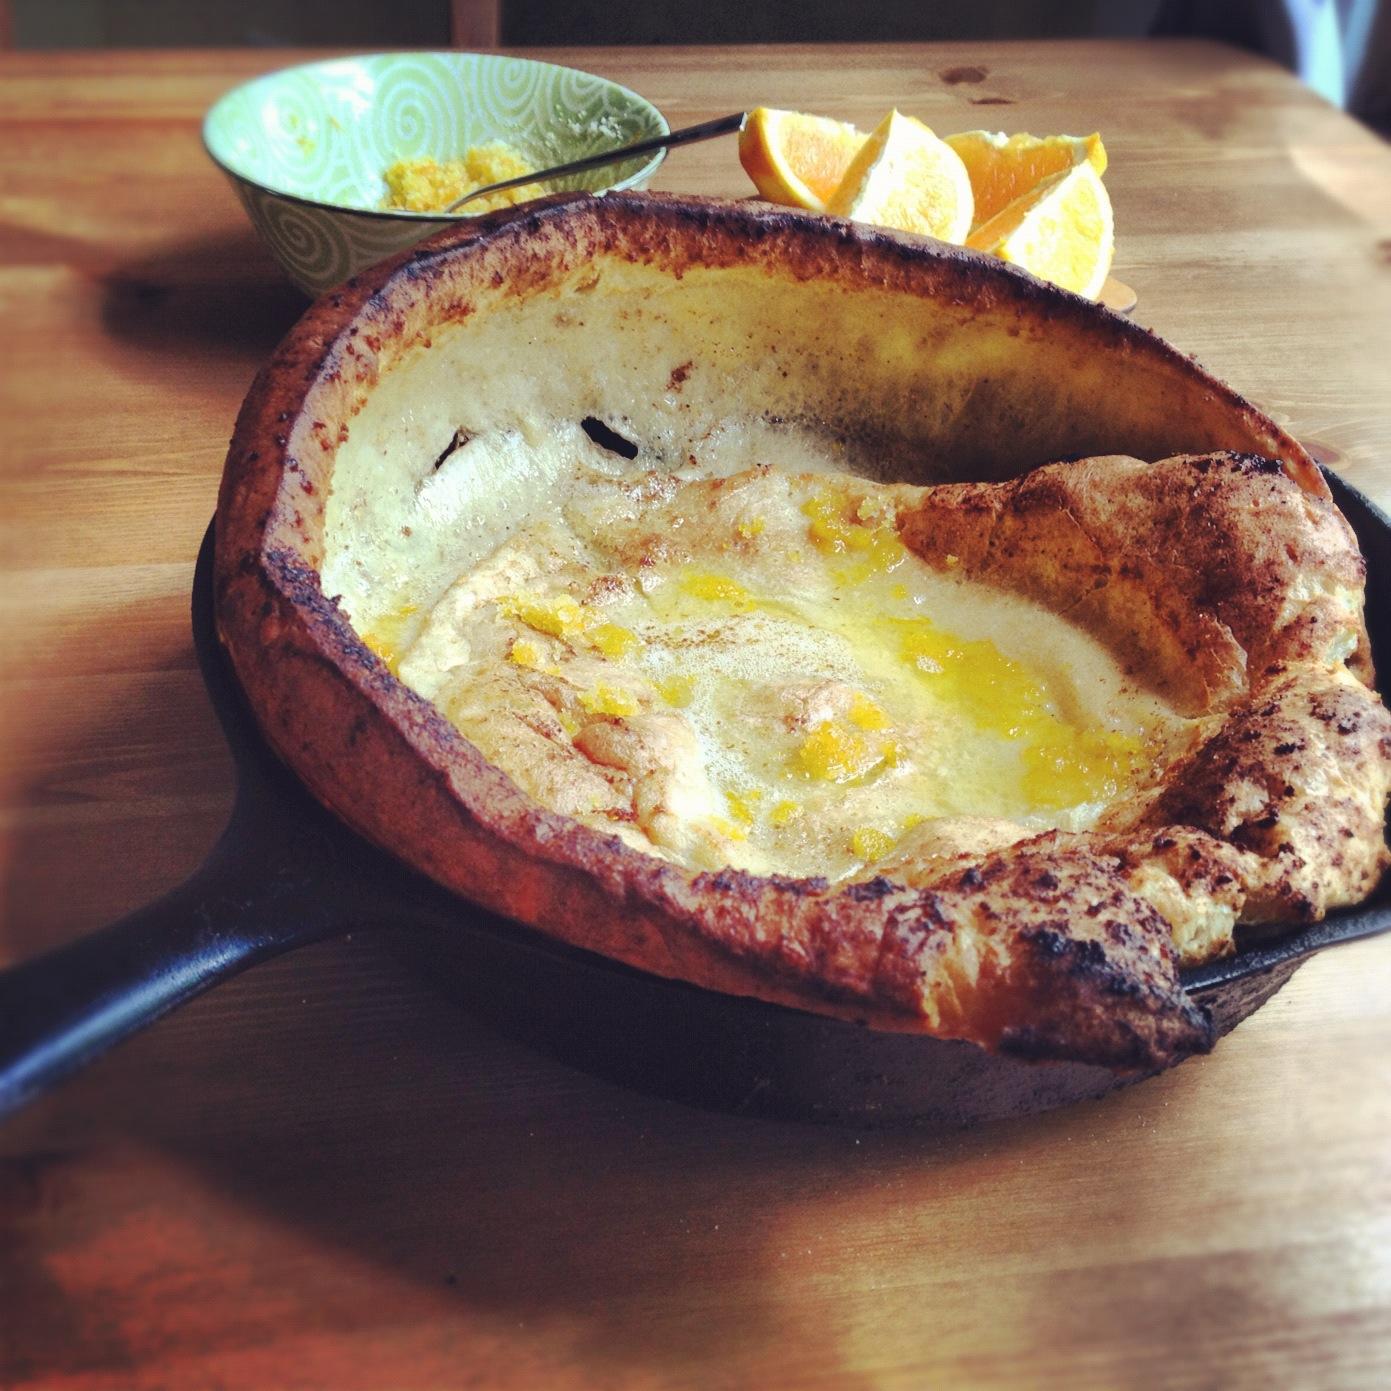 ... Food Blog in Portland, Oregon: Dutch Baby Pancakes with Orange Sugar